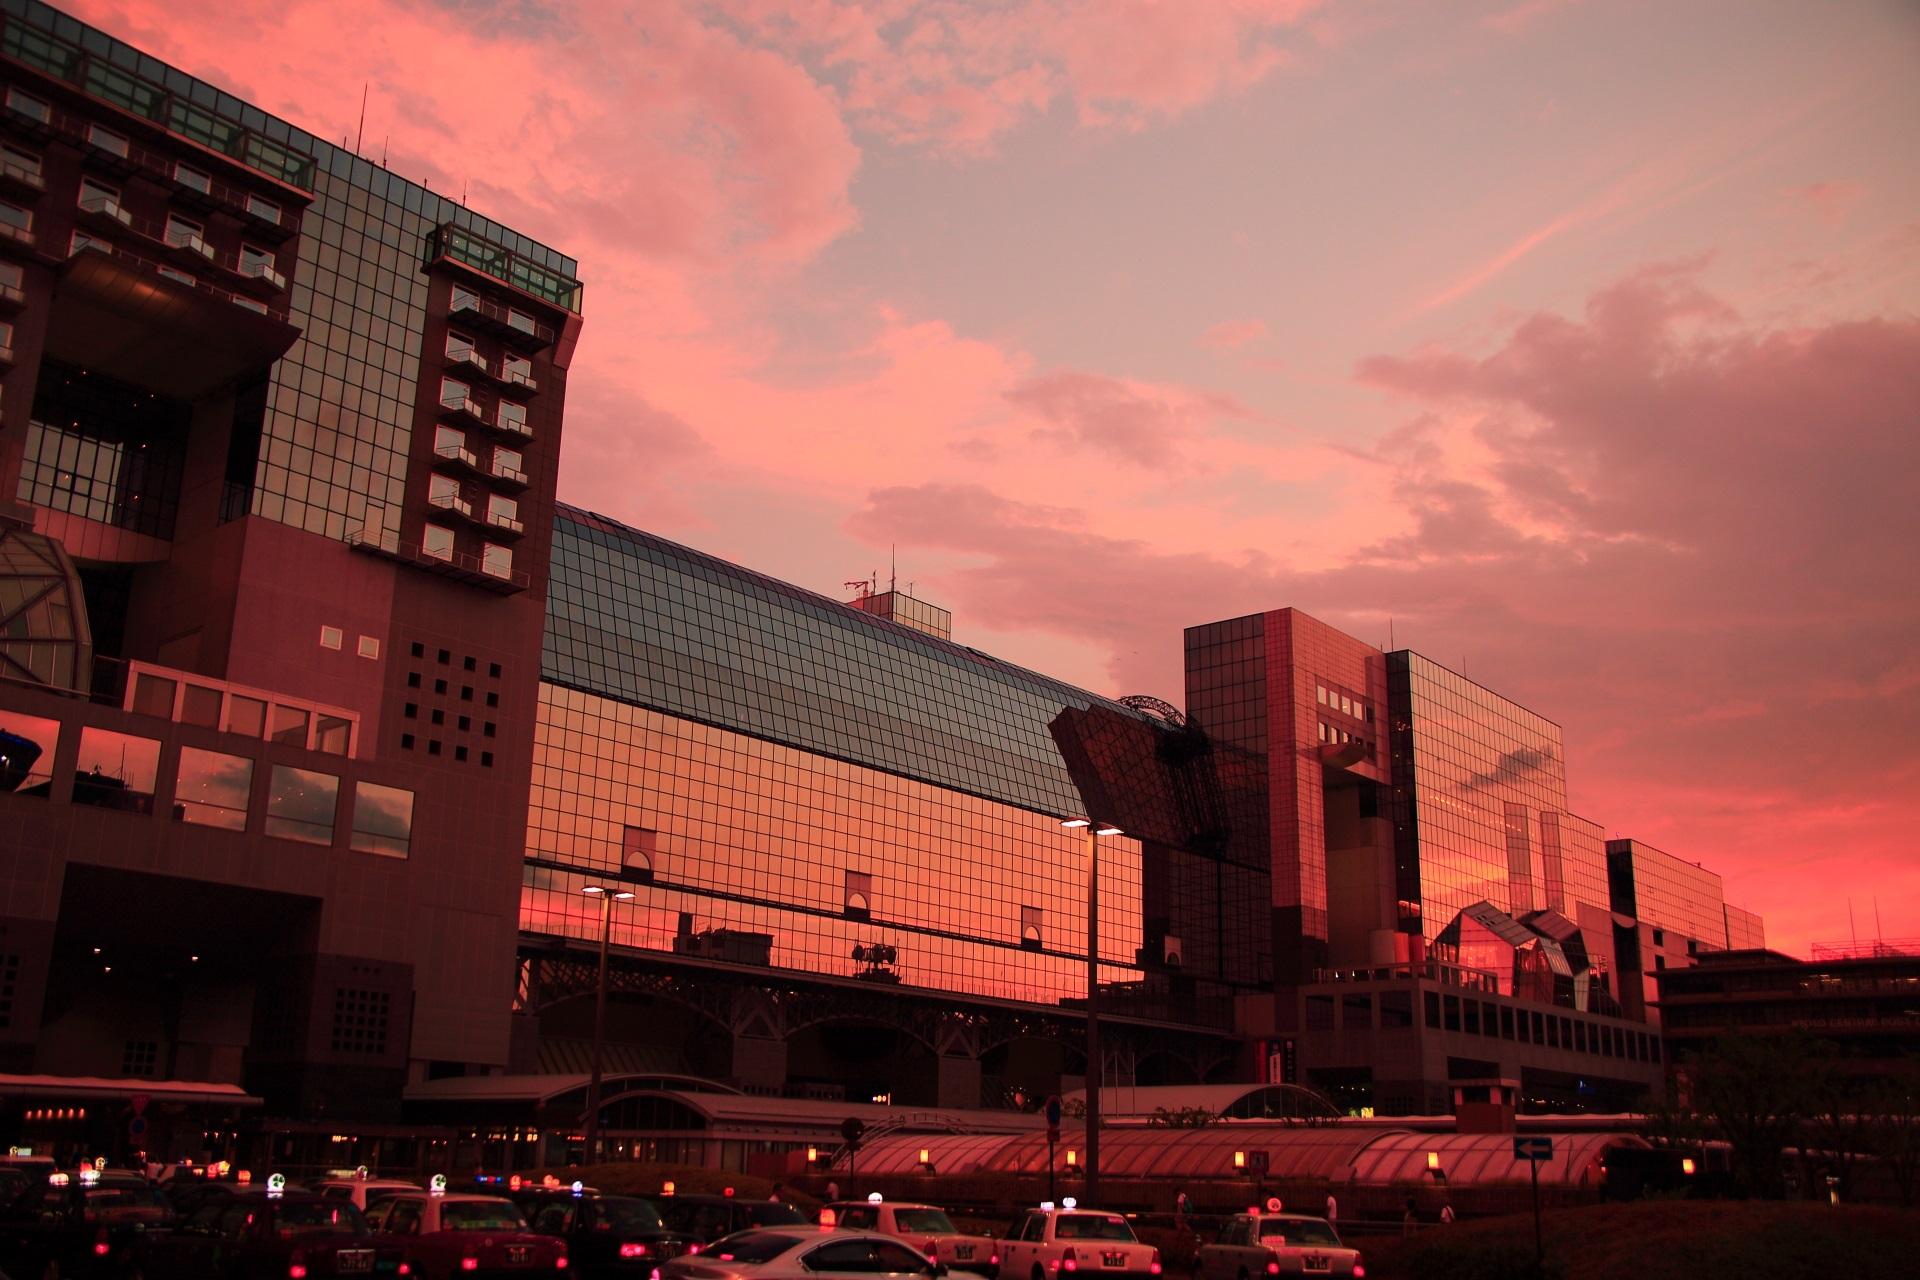 京都駅ビル 夕焼け ガラスが映す幻想的な夕暮れの空